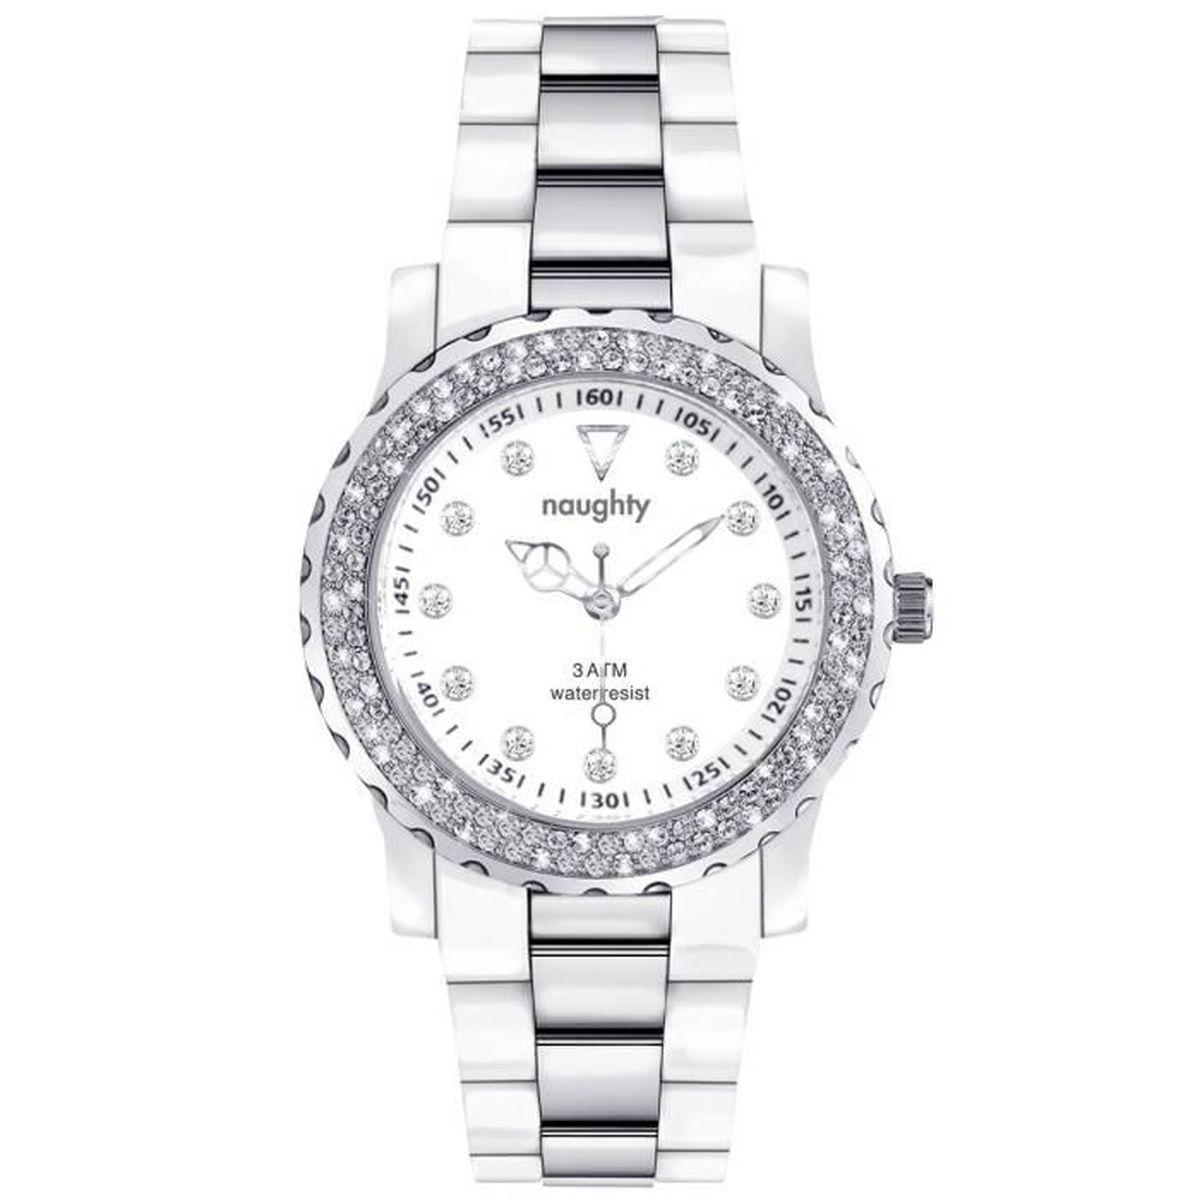 montre femme naughty orn e de 11 cristaux swarovski blanc argent achat vente montre montre. Black Bedroom Furniture Sets. Home Design Ideas